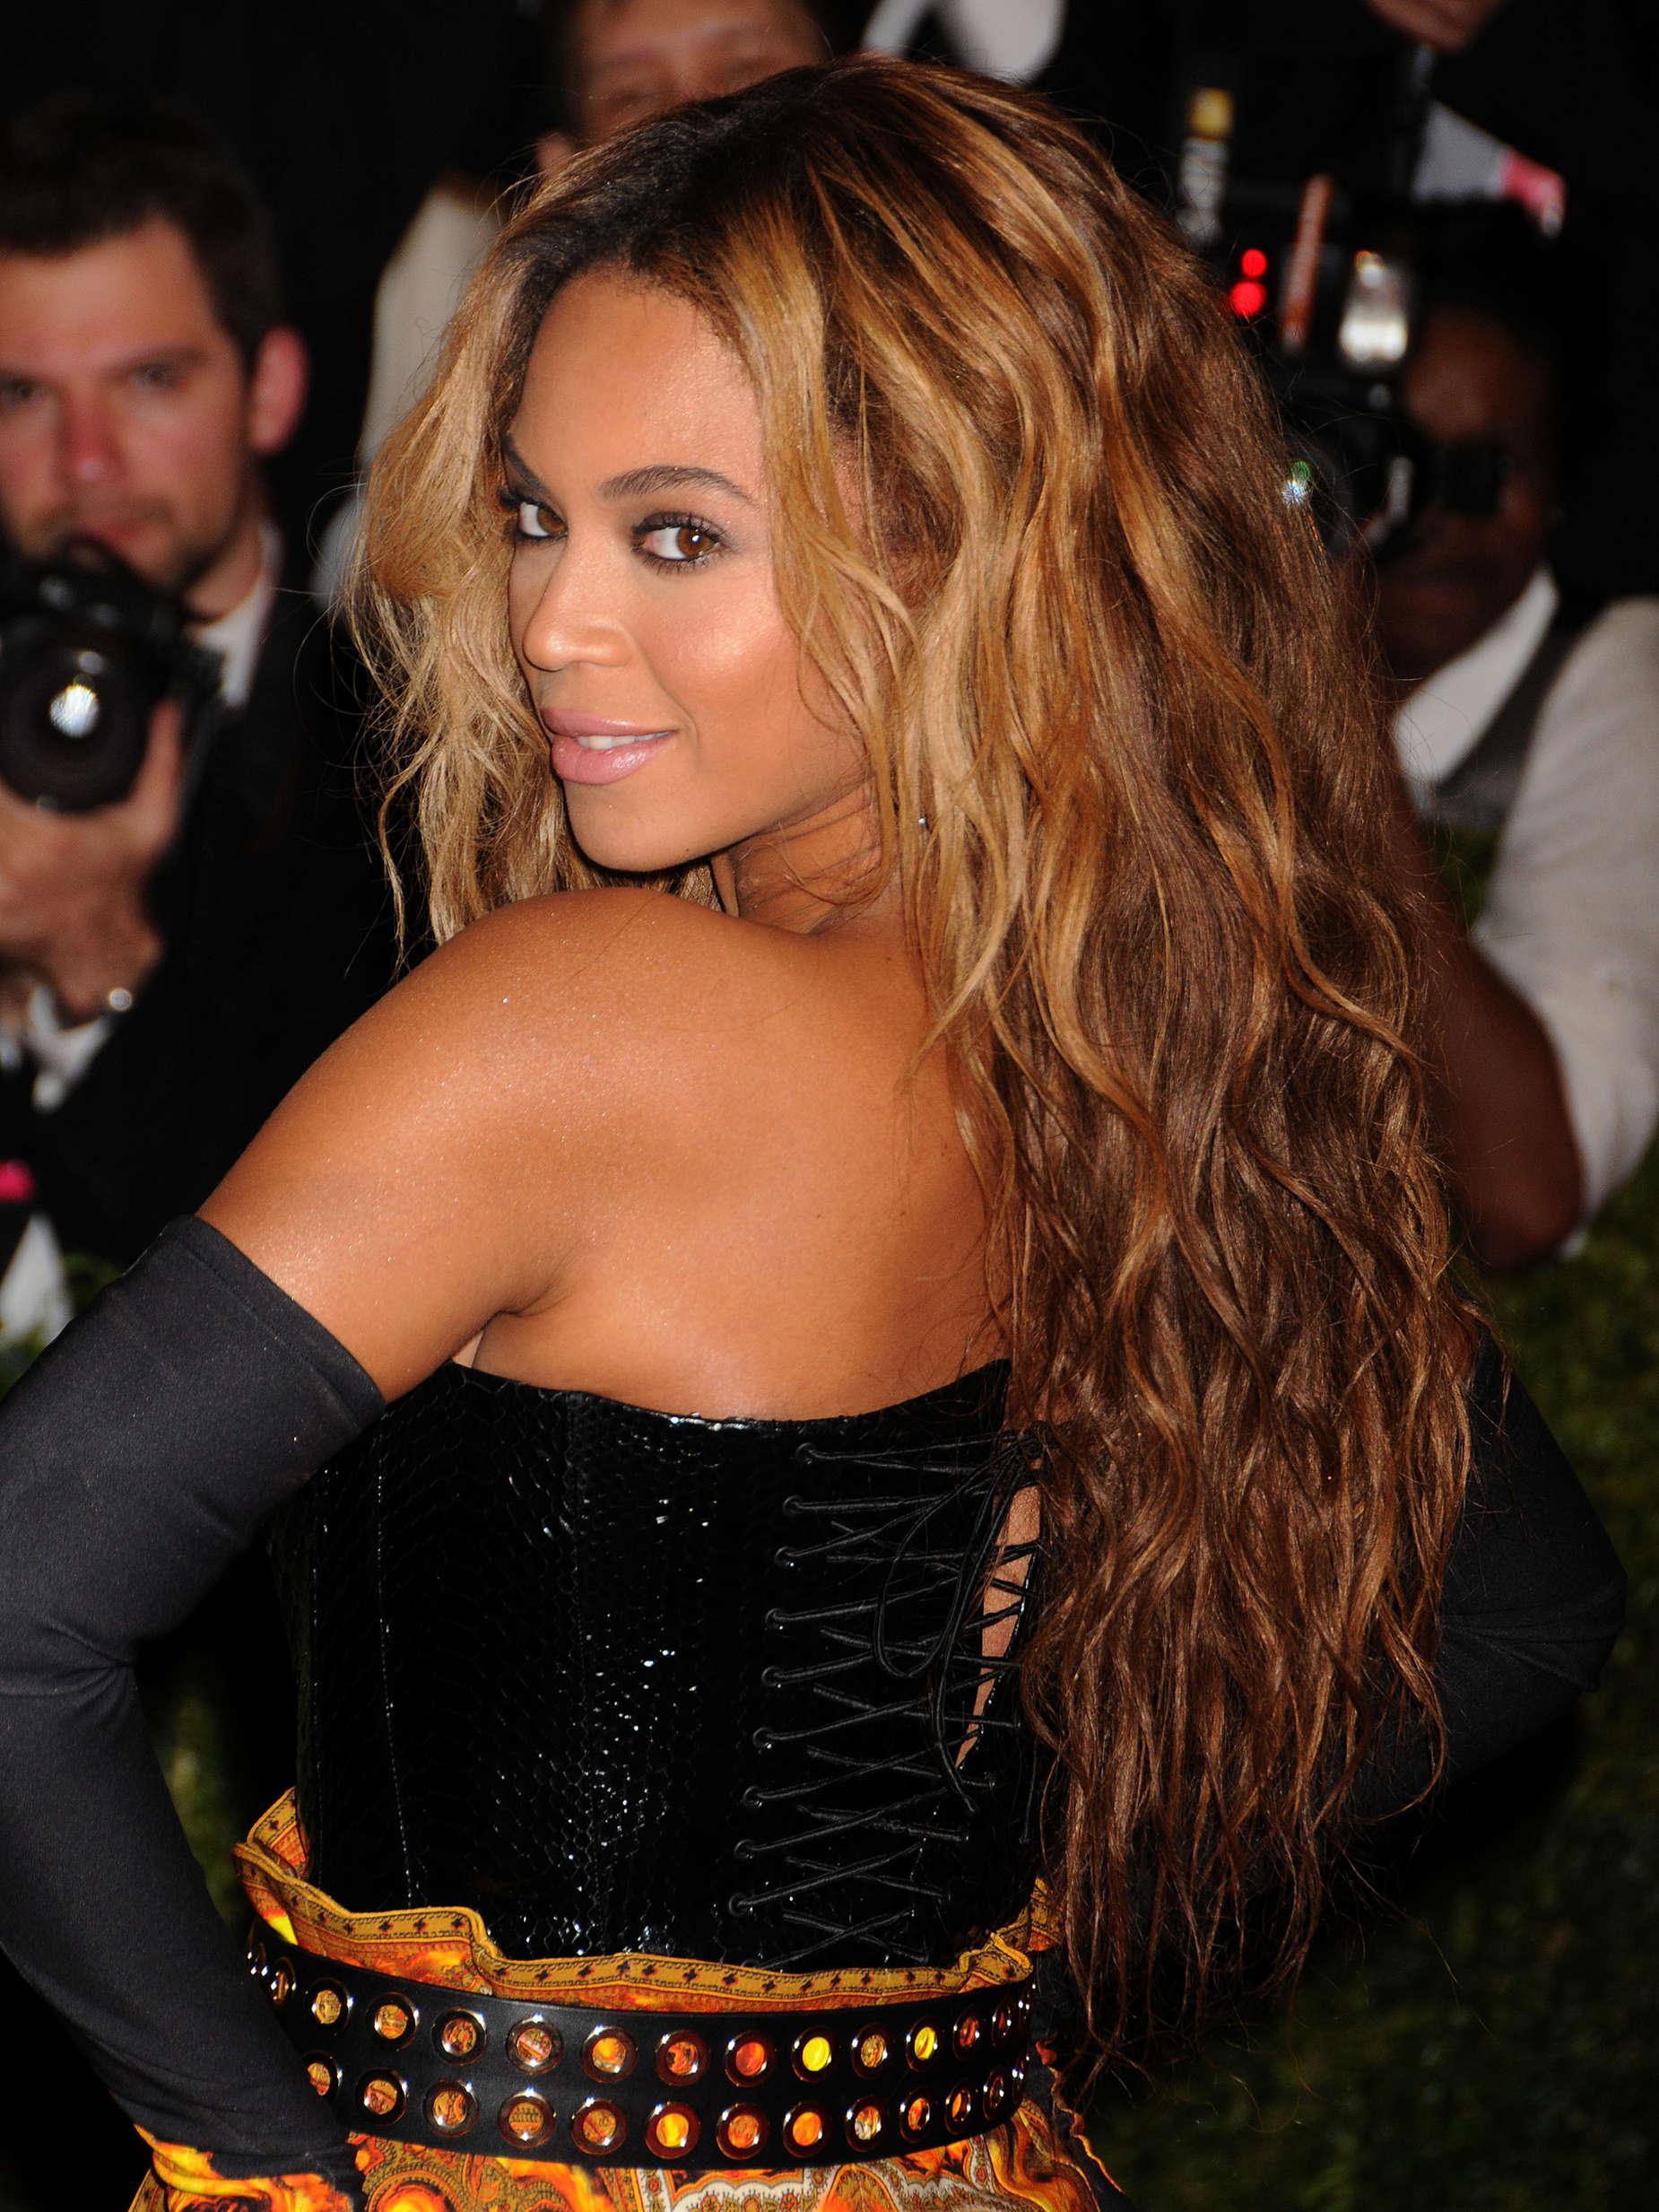 Beyonce     2013 Met Gala -06 - Full SizeBeyonce Blonde Curly Hair 2013